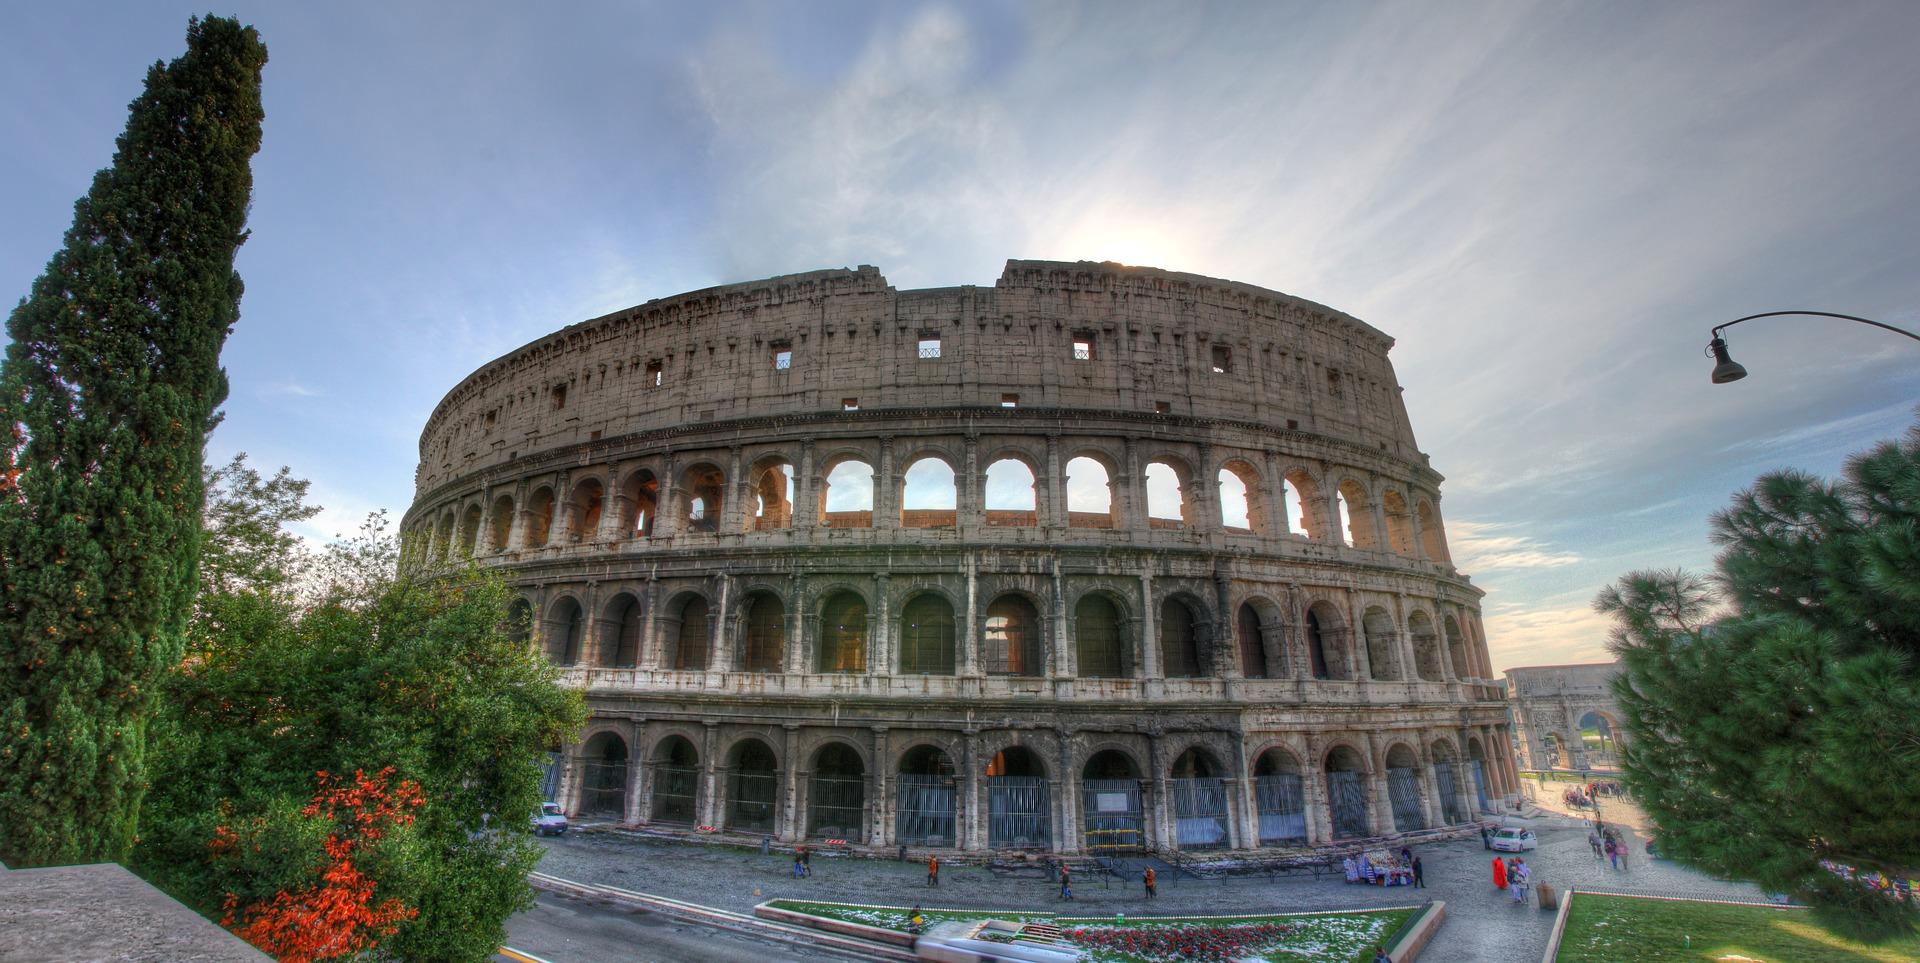 Večno mesto Rim